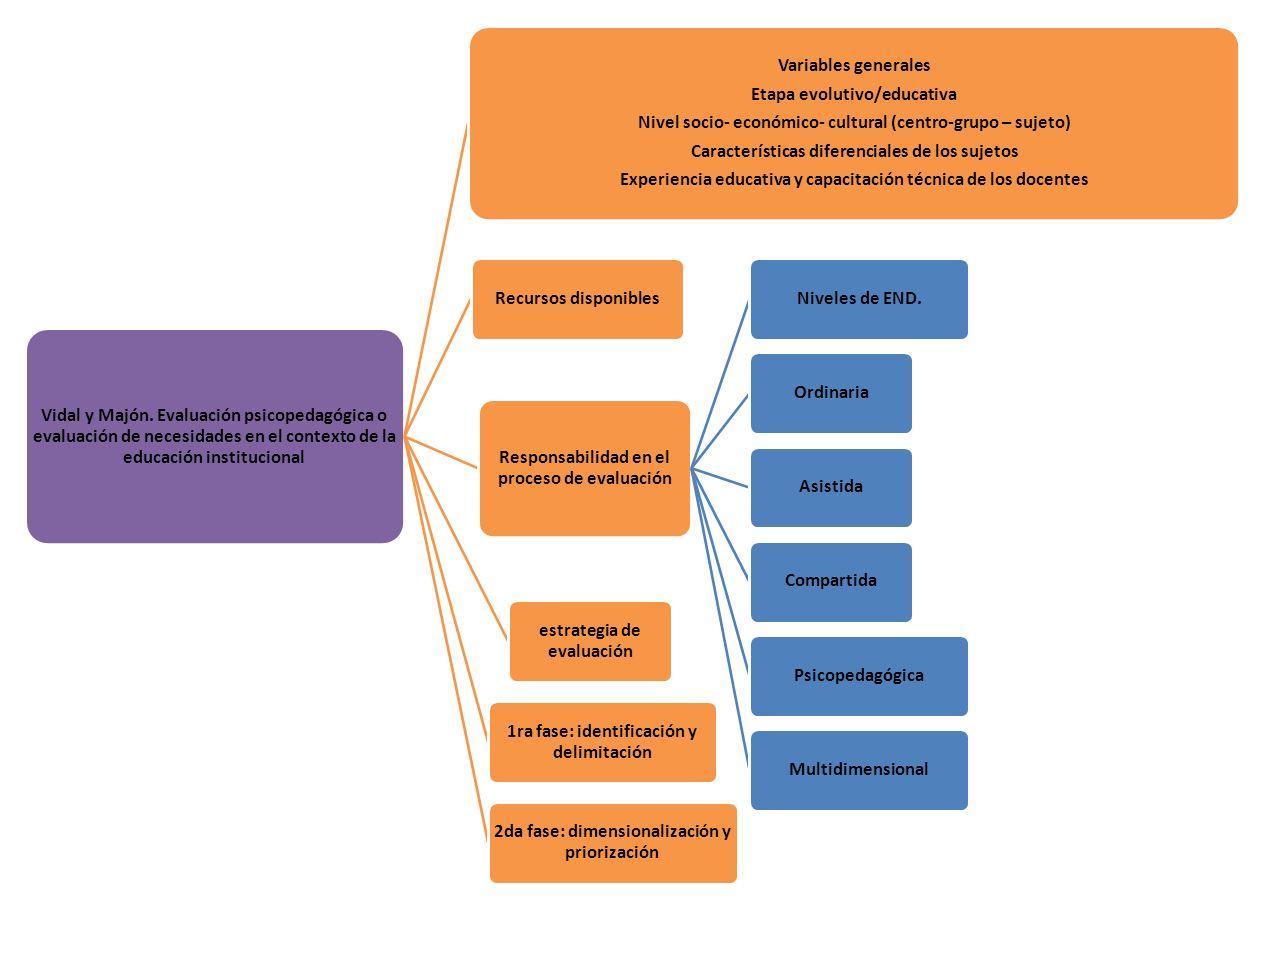 Vidal y Majón. Evaluación psicopedagógica o evaluación de necesidades en el contexto de la educación institucional Variables generales Etapa evolutivo